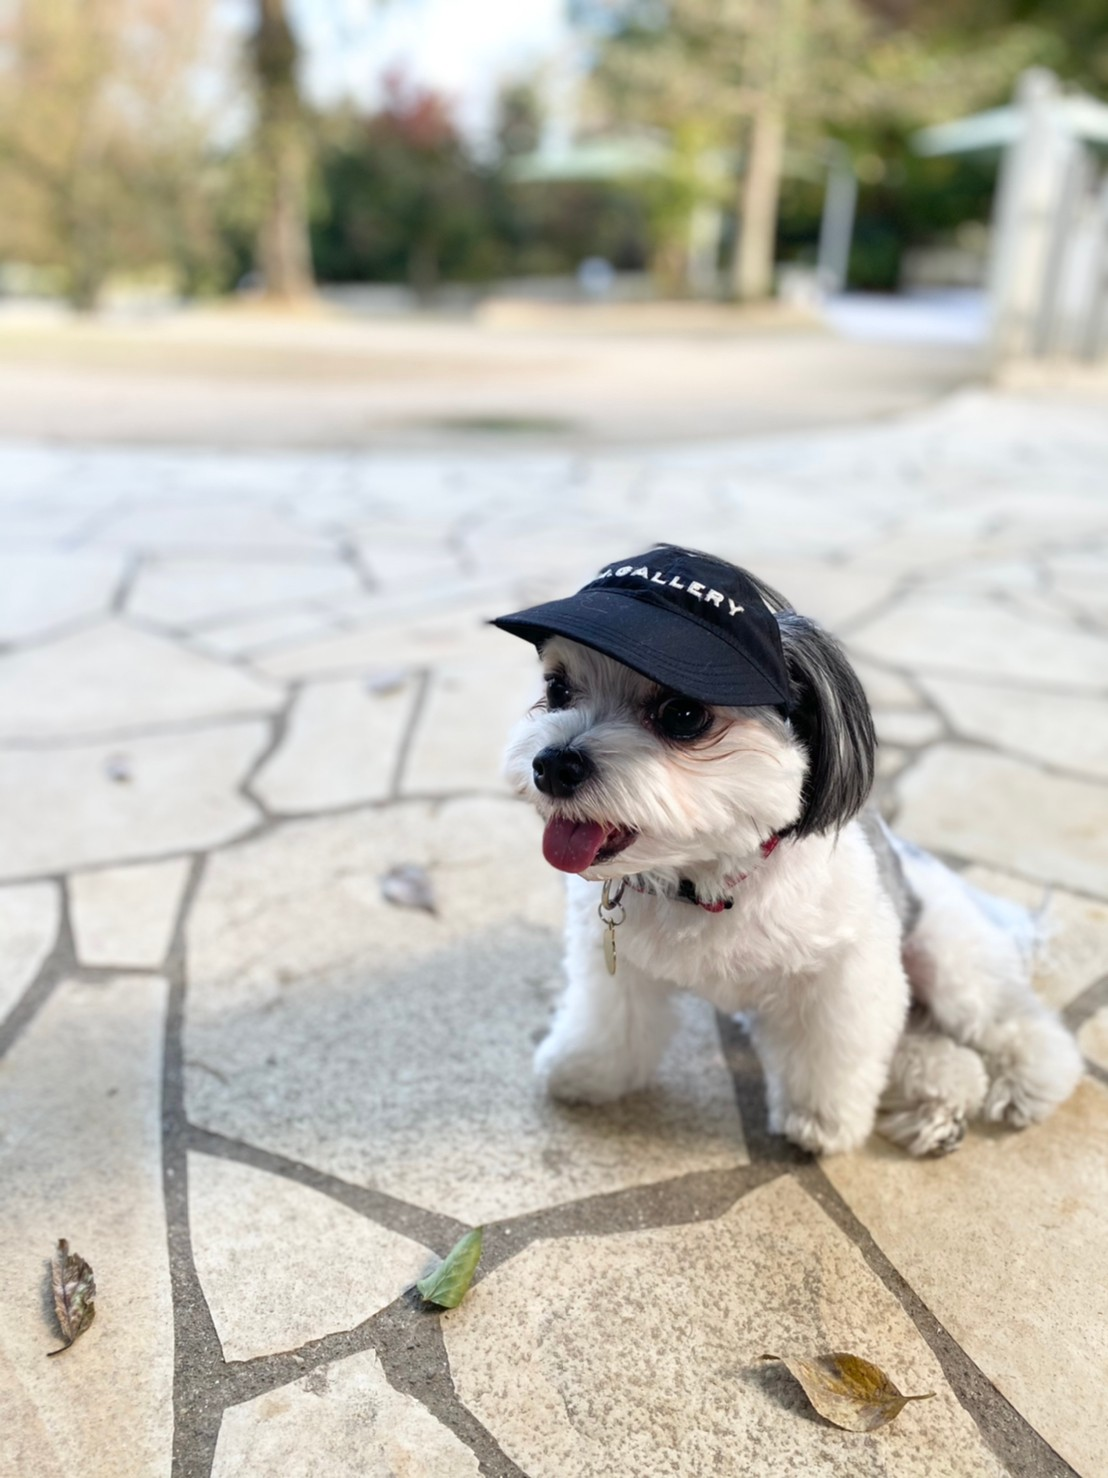 お気に入りの帽子をかぶって散歩をする犬・太郎くん